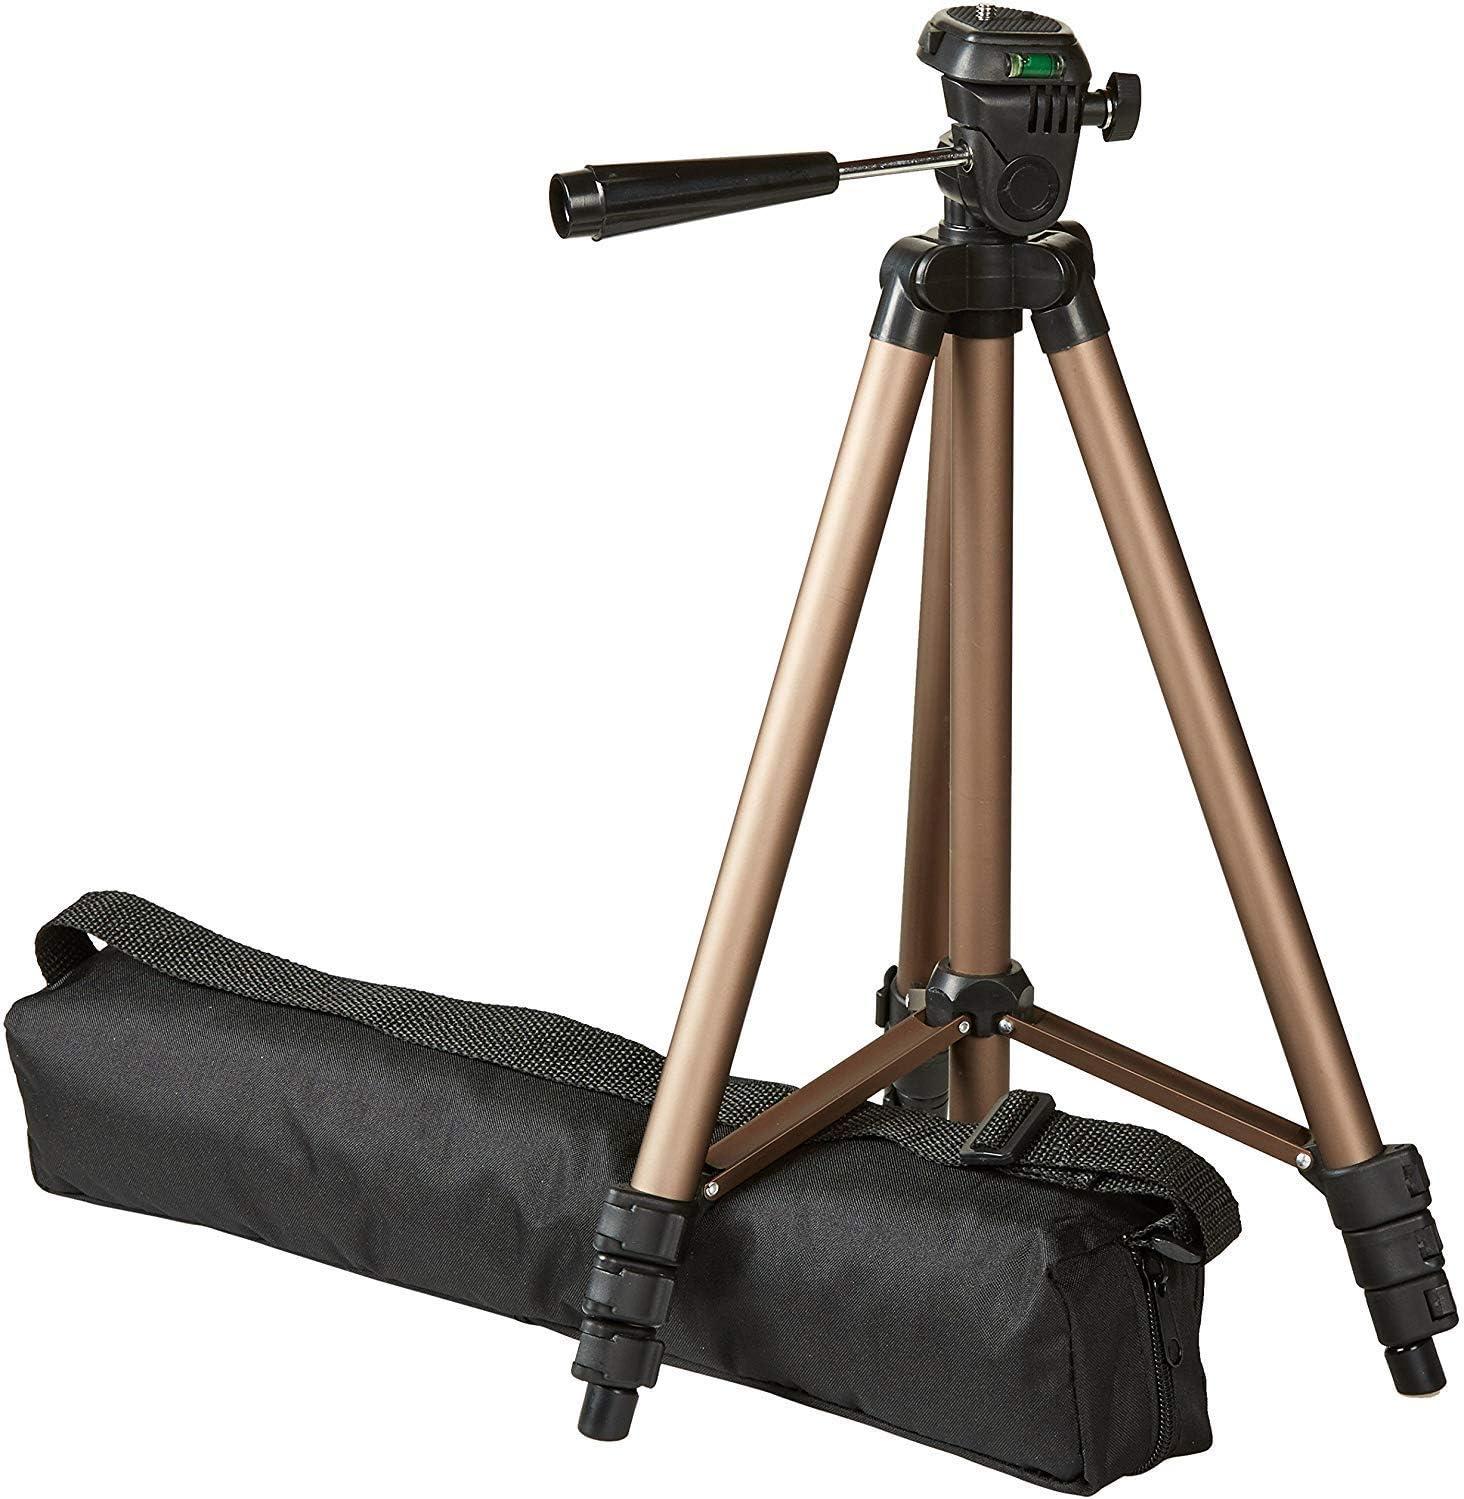 AmazonBasics – Trípode ligero para cámara con funda, de 41,91 a 127cm